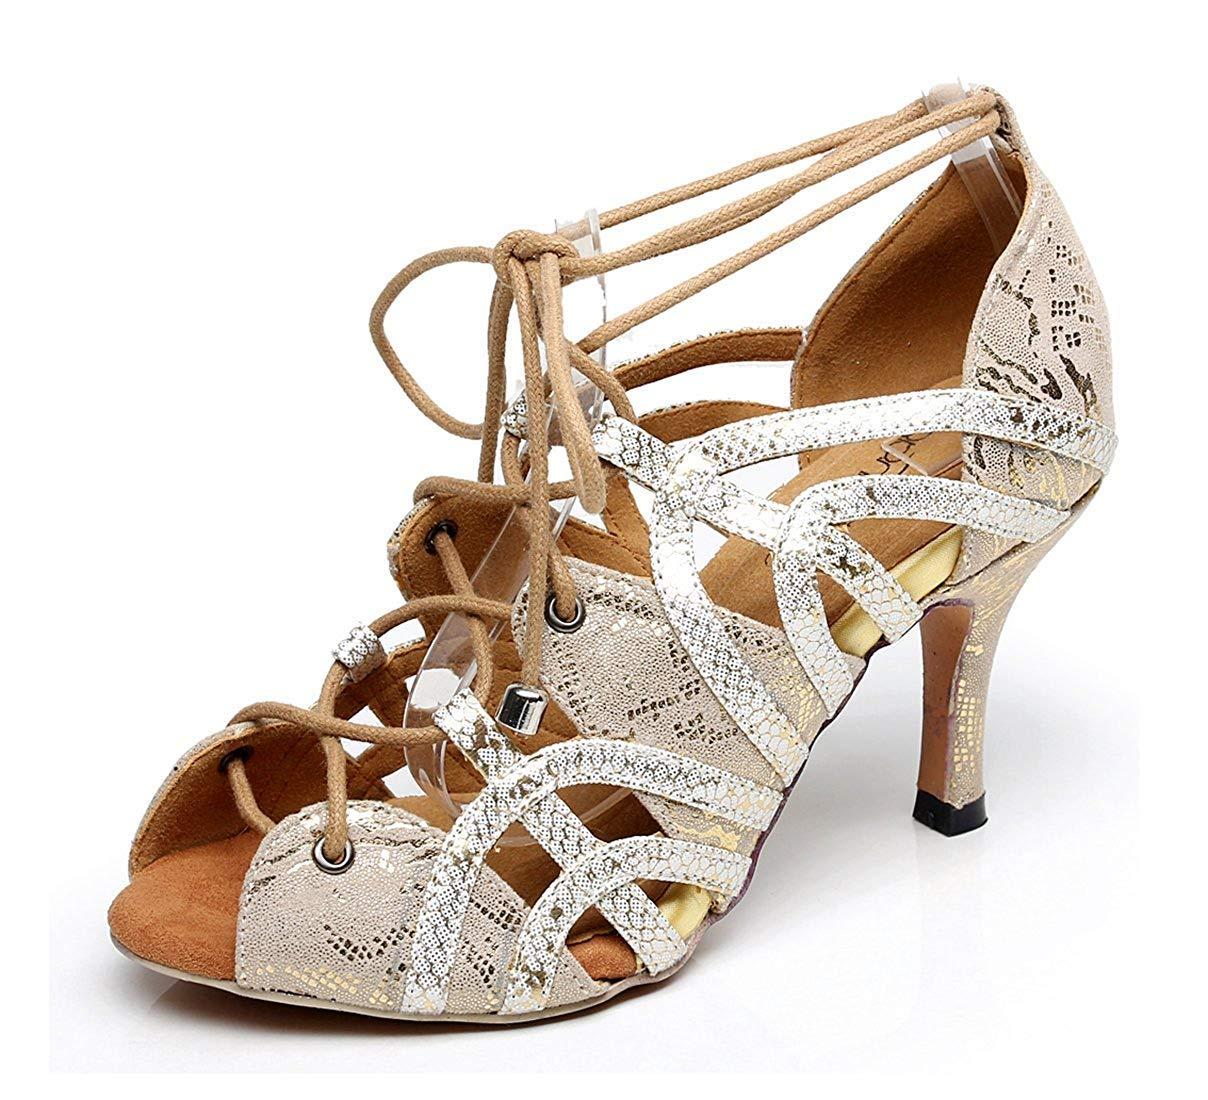 ZHRUI Damen Peep Soft Rubber Sole Peep Damen Toe Gold Synthetische Salsa Latin Tanzschuhe Partei Sandalen UK 3.5 (Farbe   - Größe   -) 2ff547